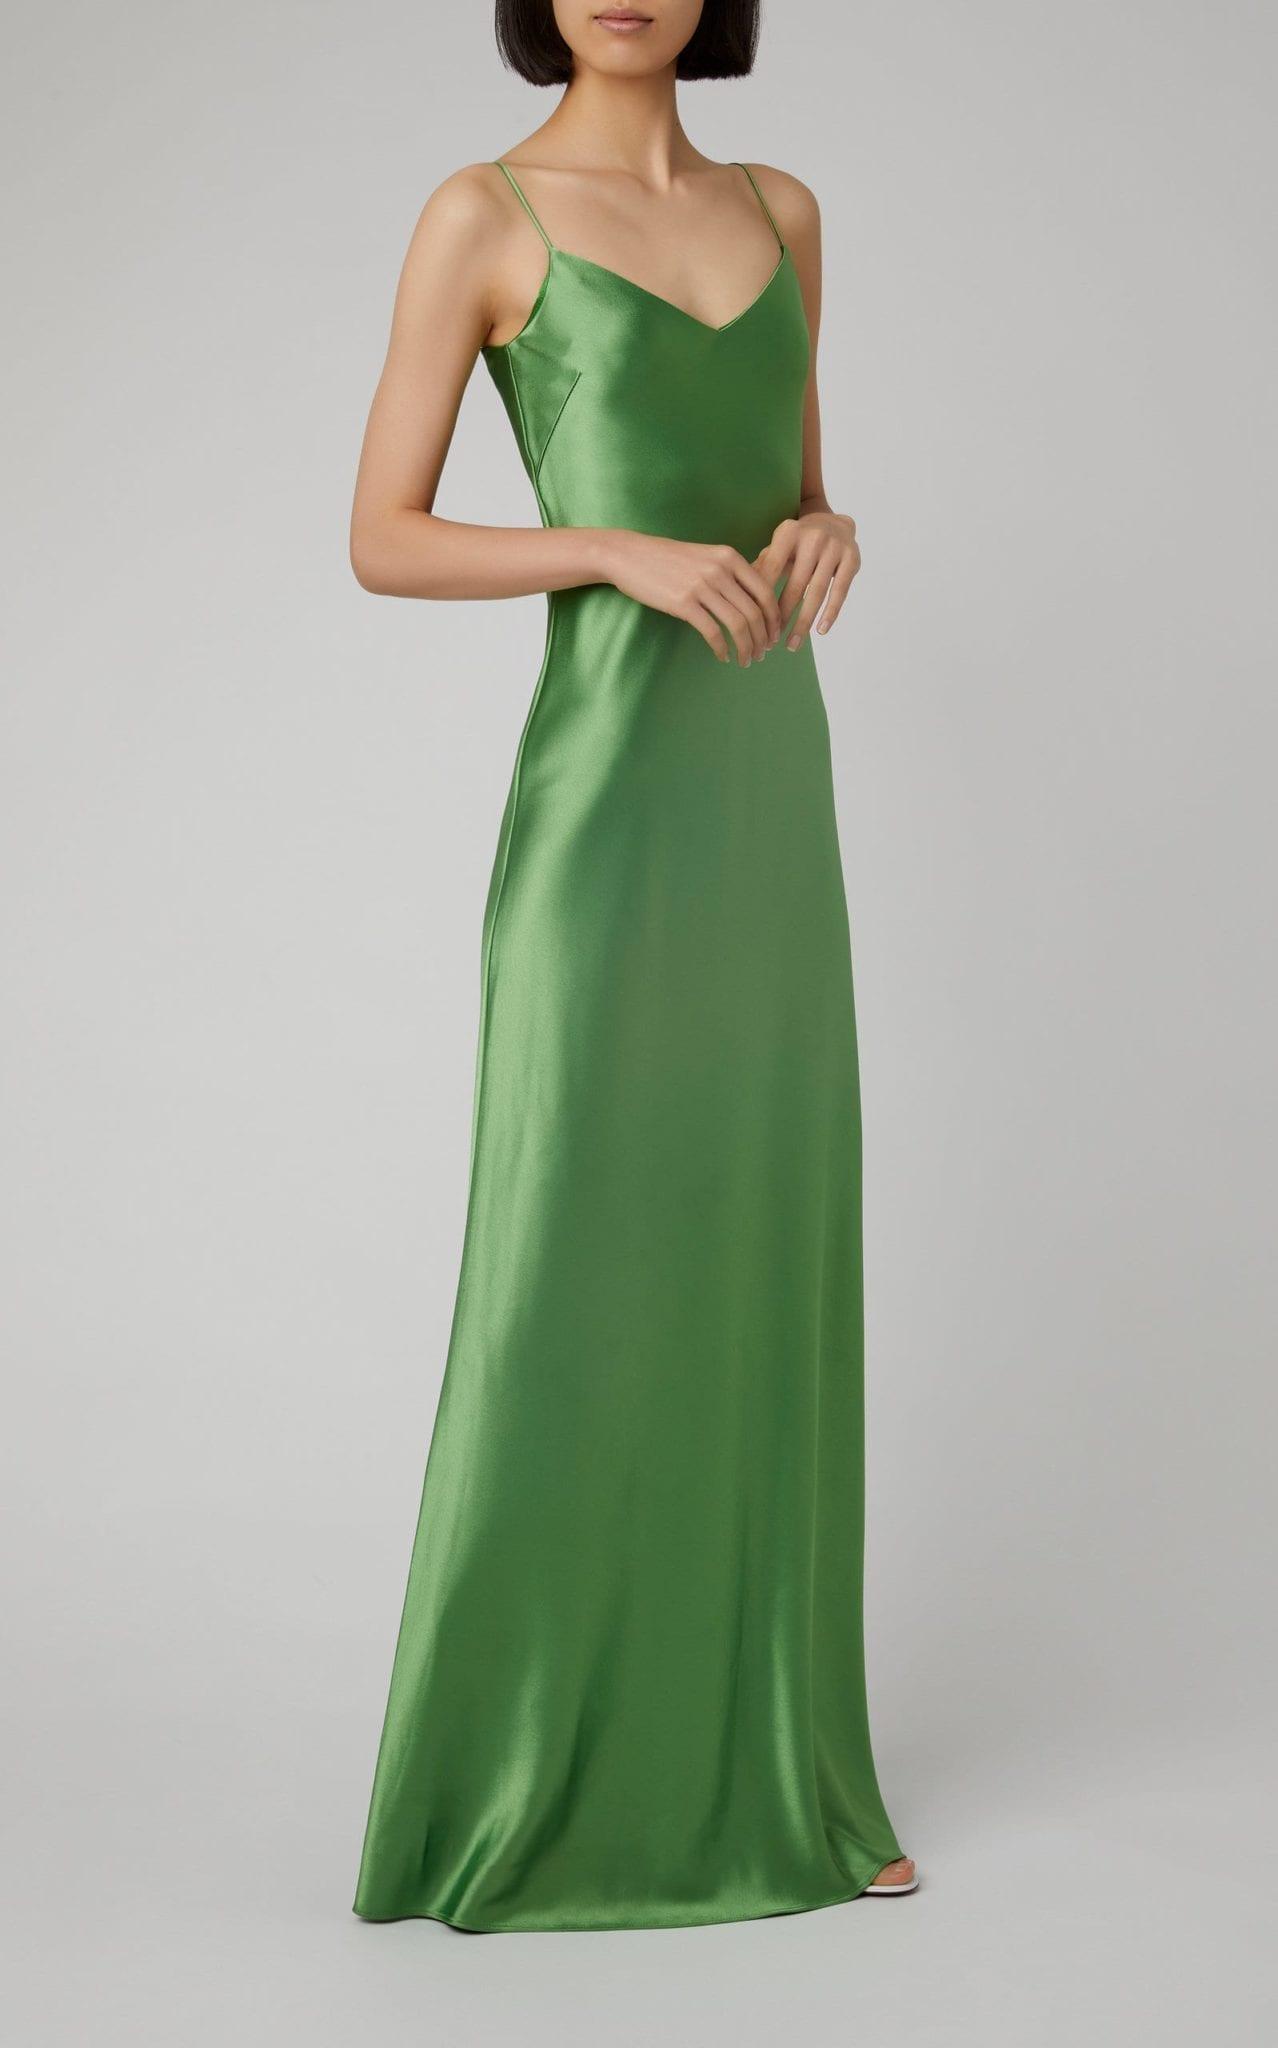 GALVAN Satin Maxi Dress